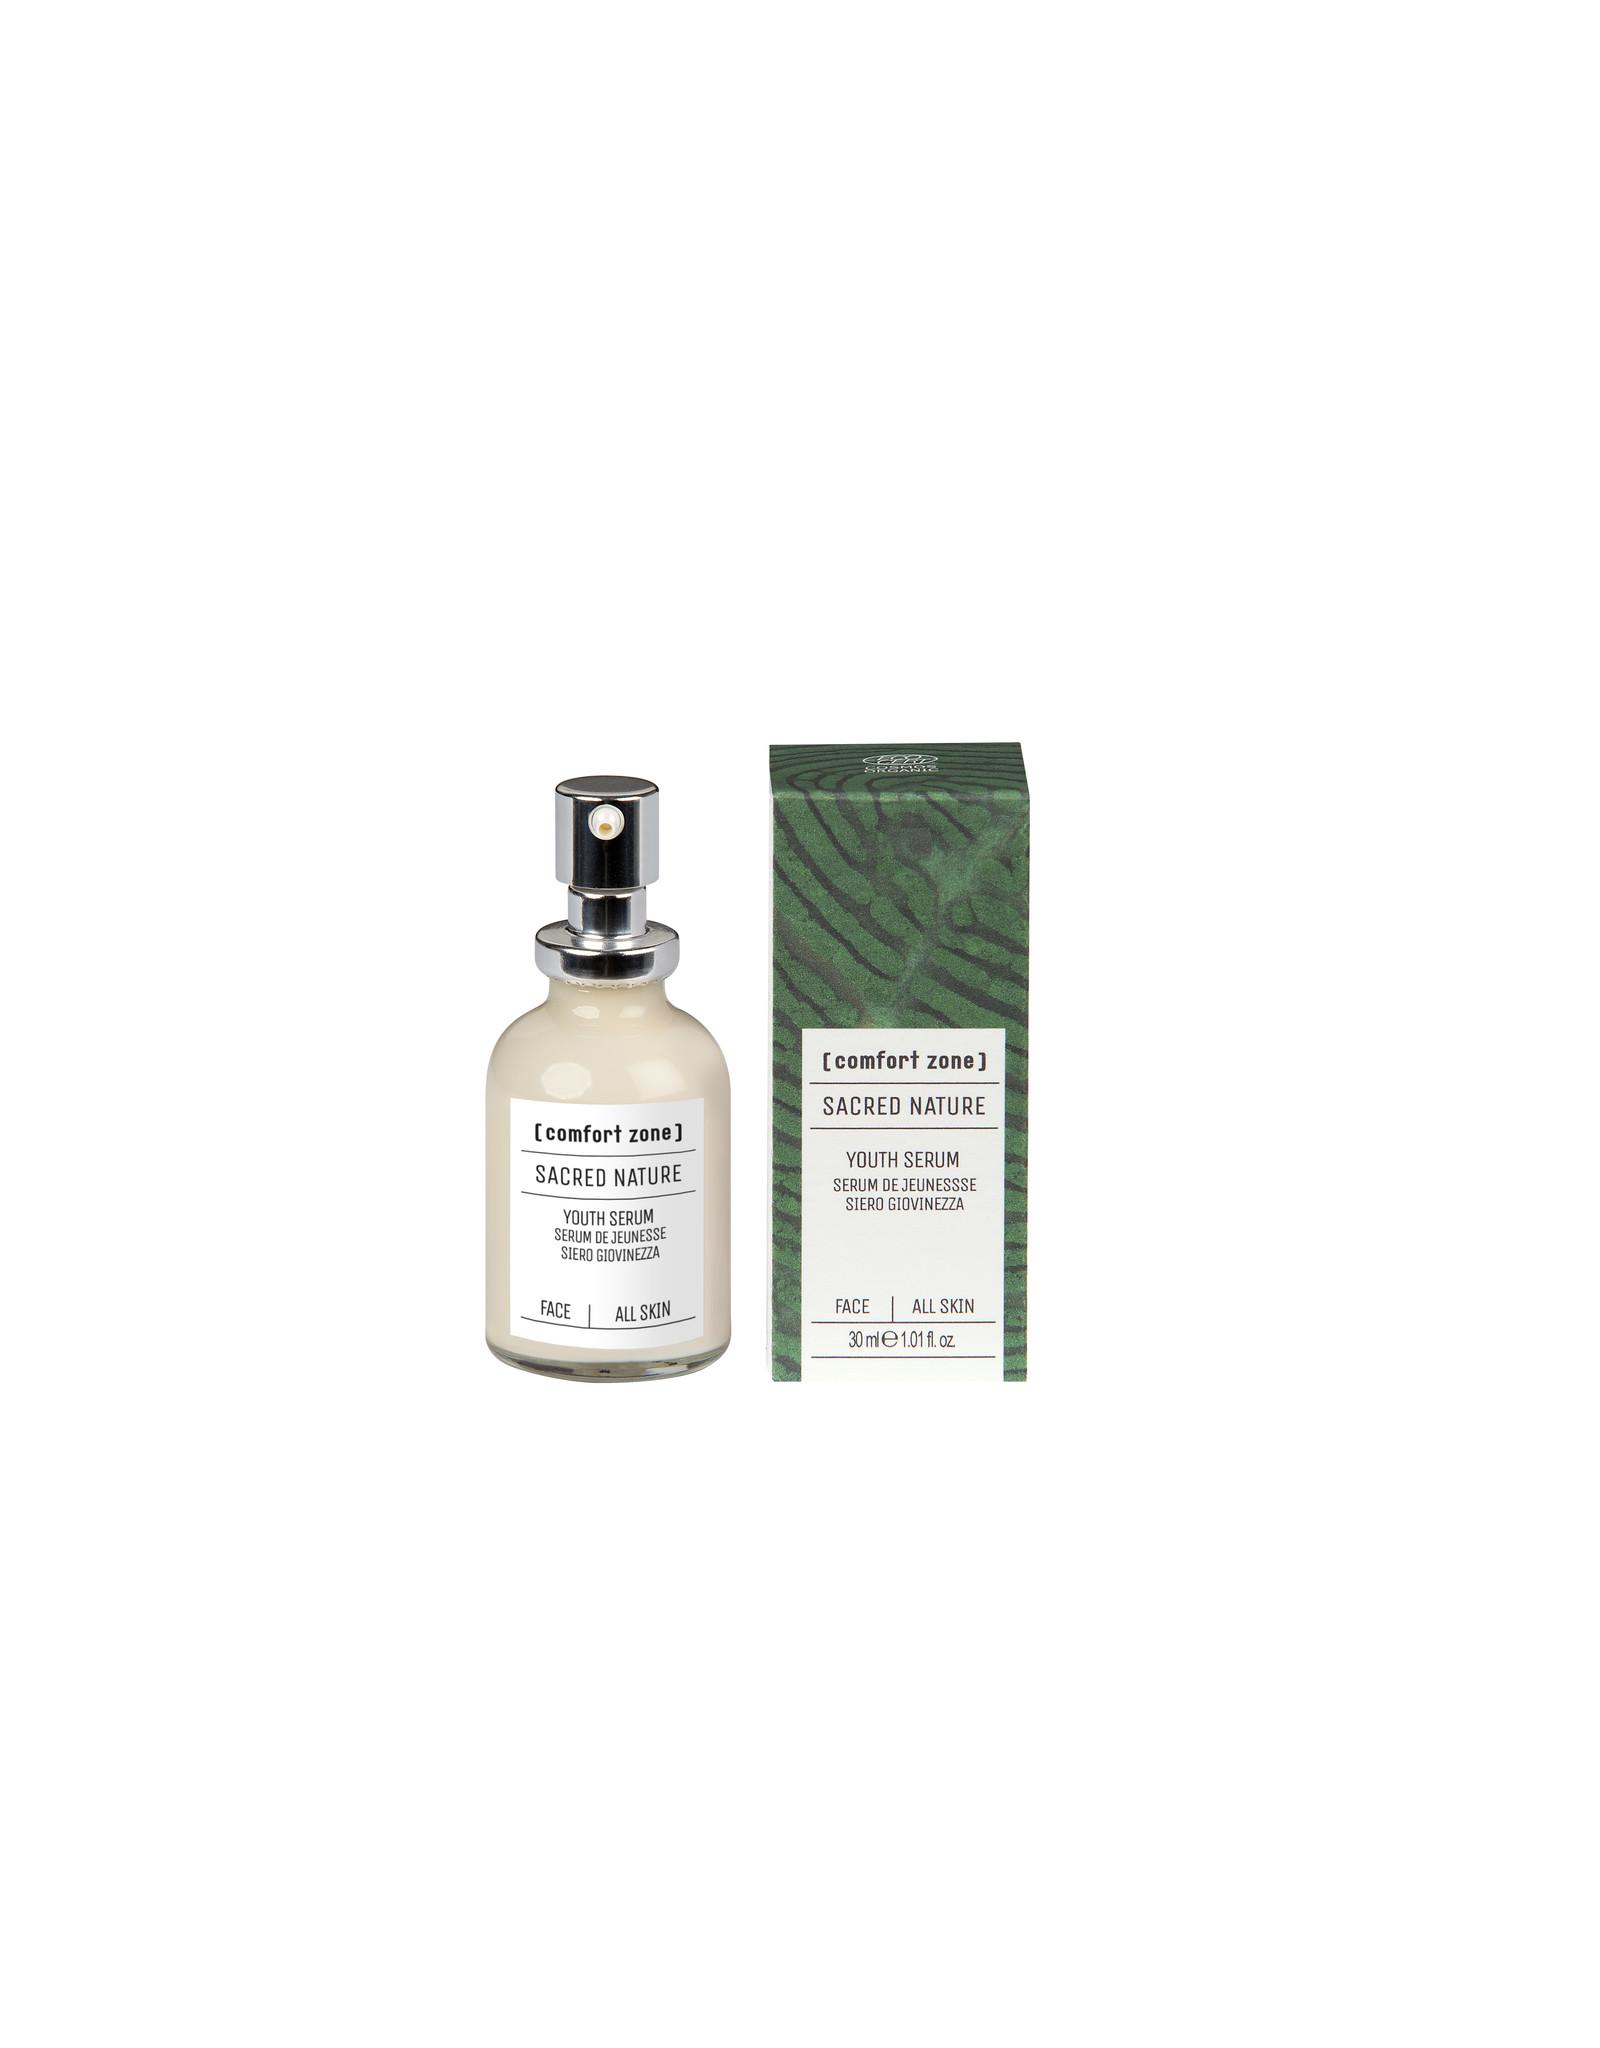 [Comfort Zone] Sacred Nature Youth Serum Dispenser 30 ml